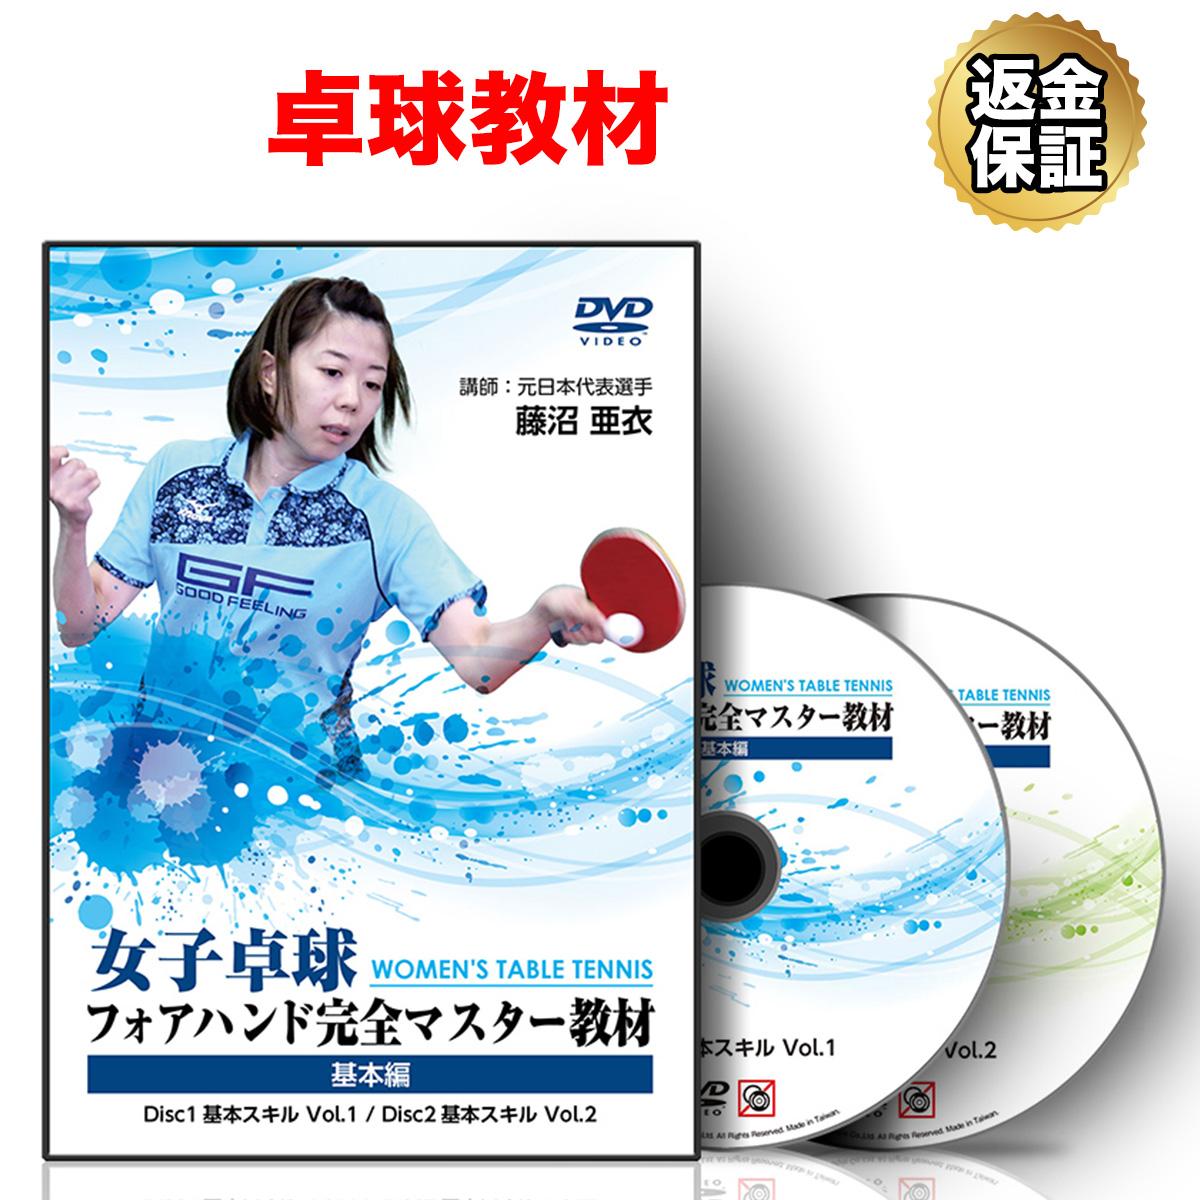 【卓球】女子卓球フォアハンド完全マスター教材~「基本編」~